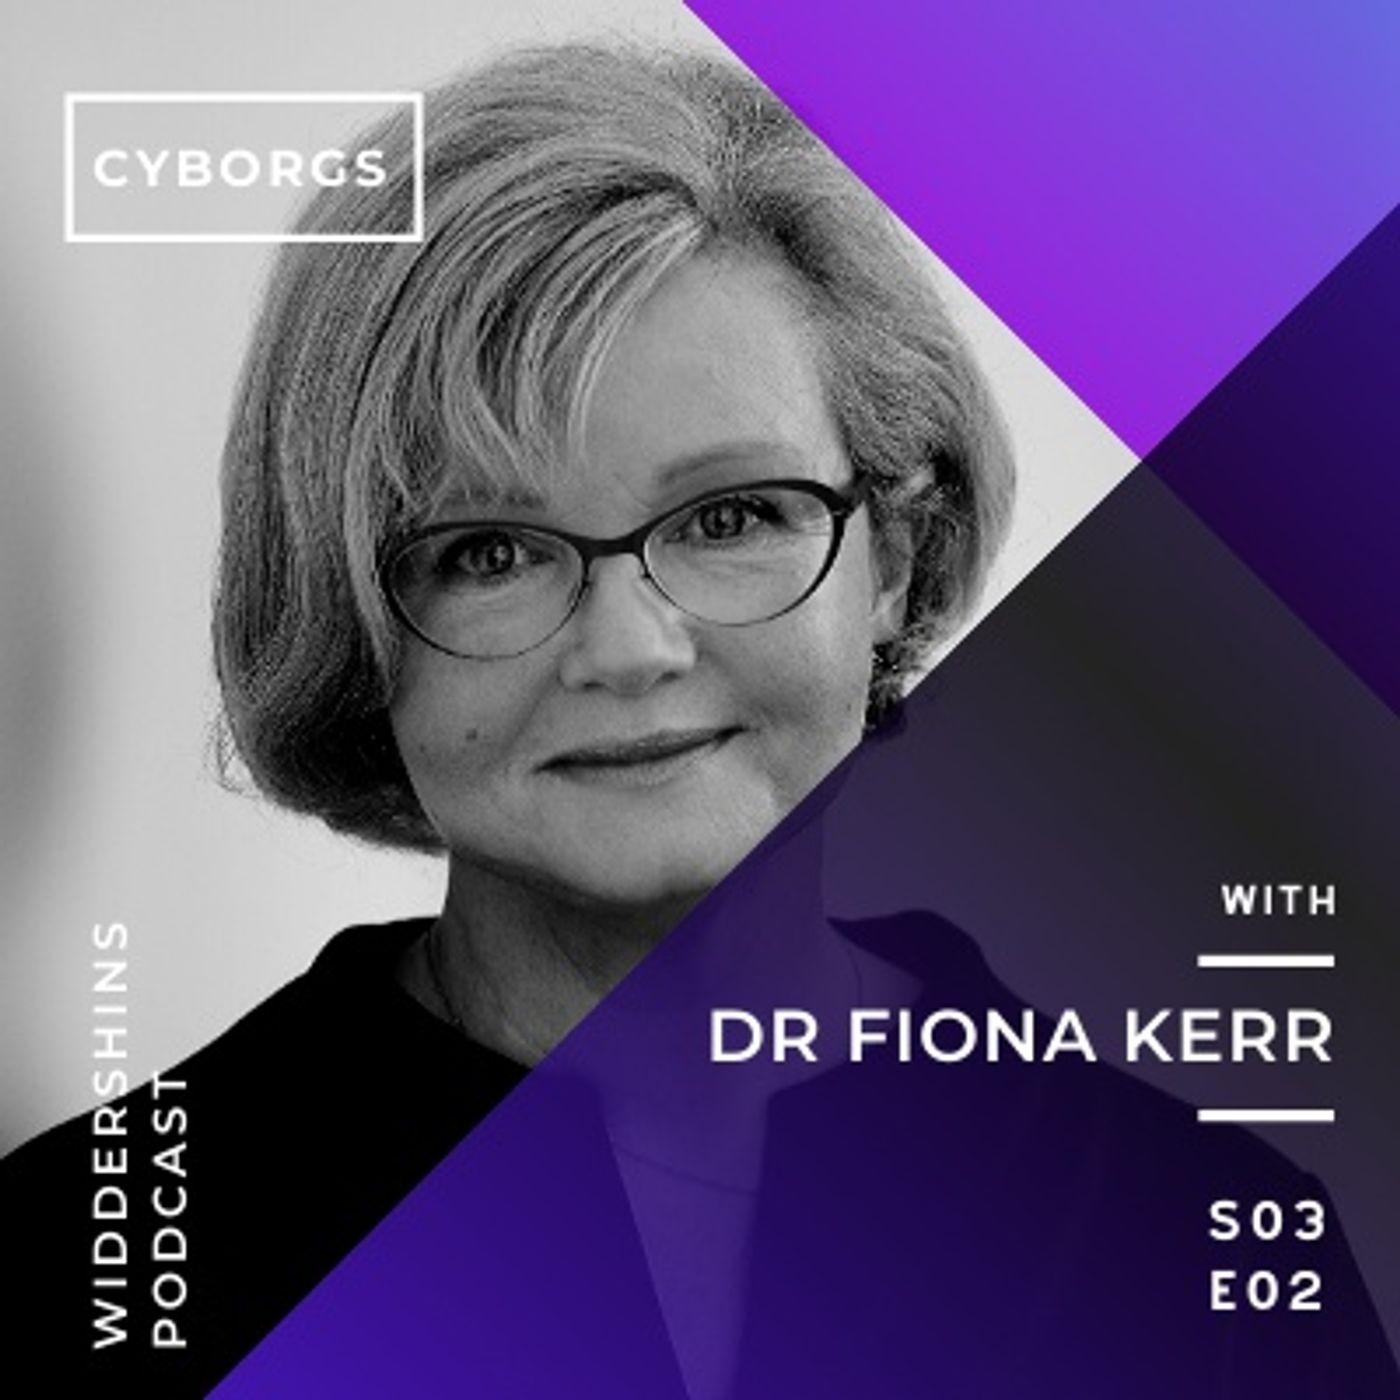 S03E02 - Dr Fiona Kerr on Cyborgs